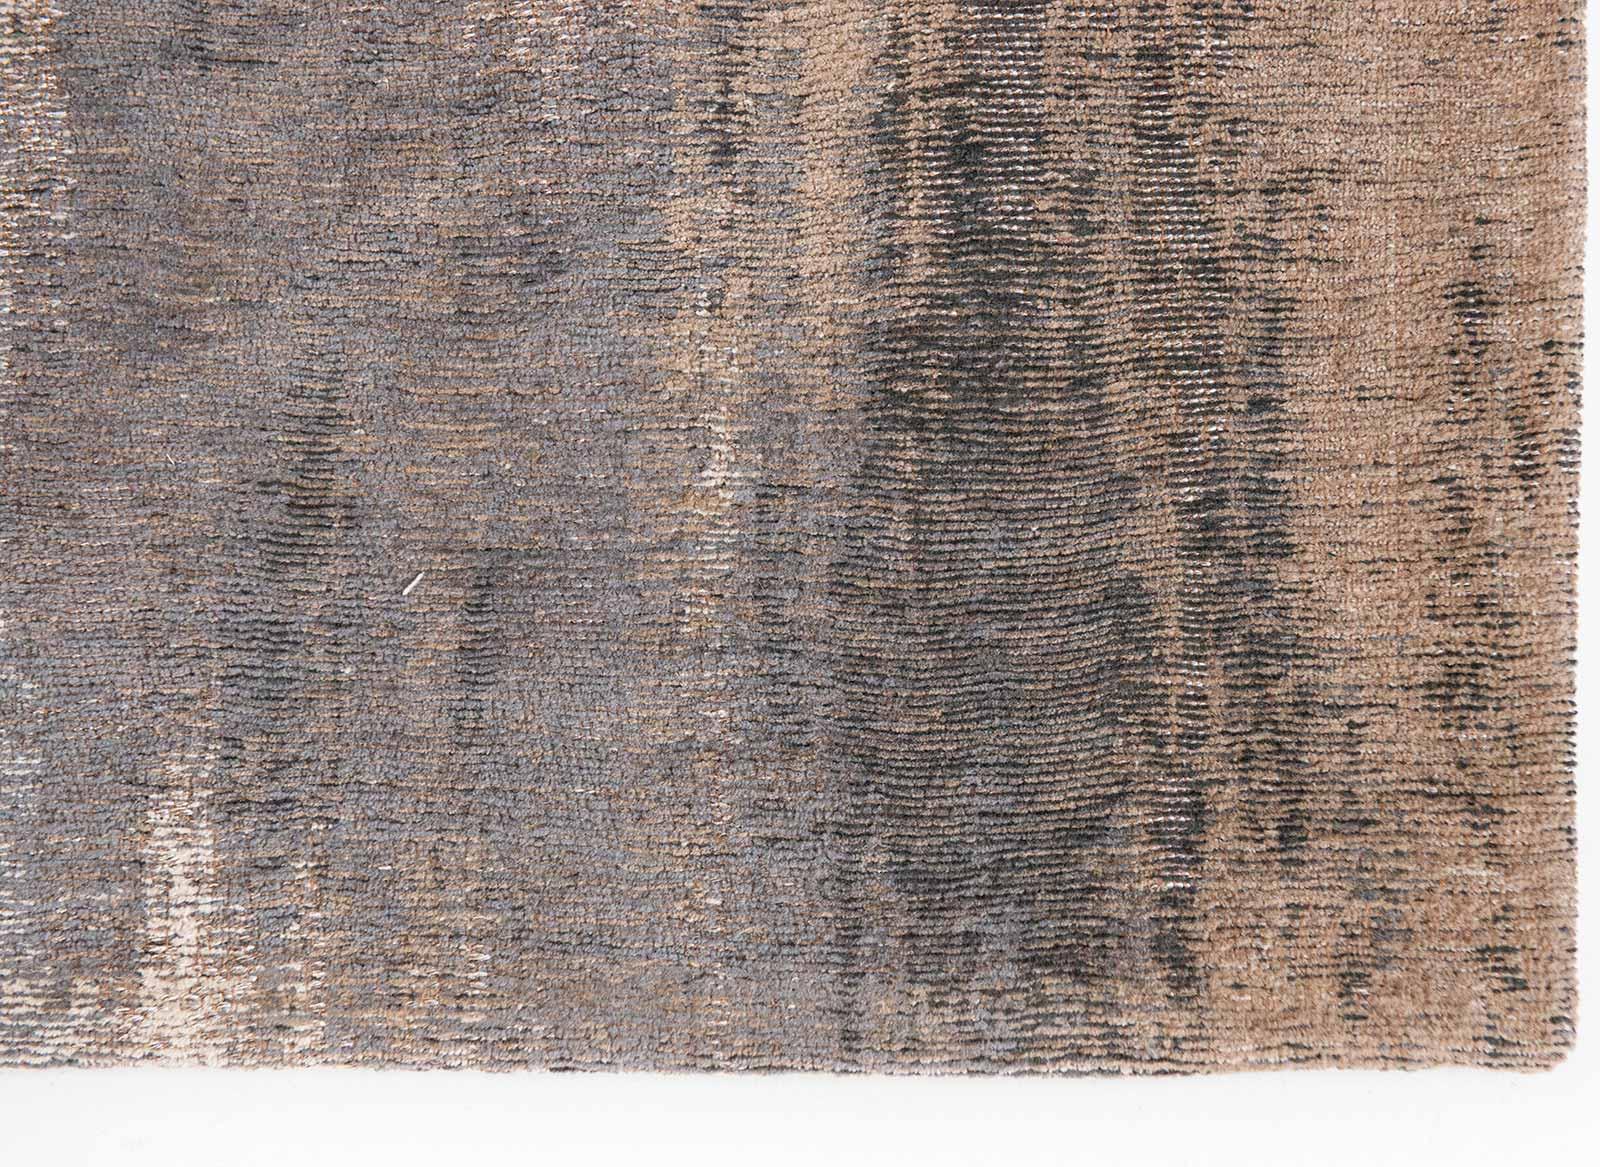 Louis De Poortere rug CS 9121 Atlantic Monetti Giverny Beige corner